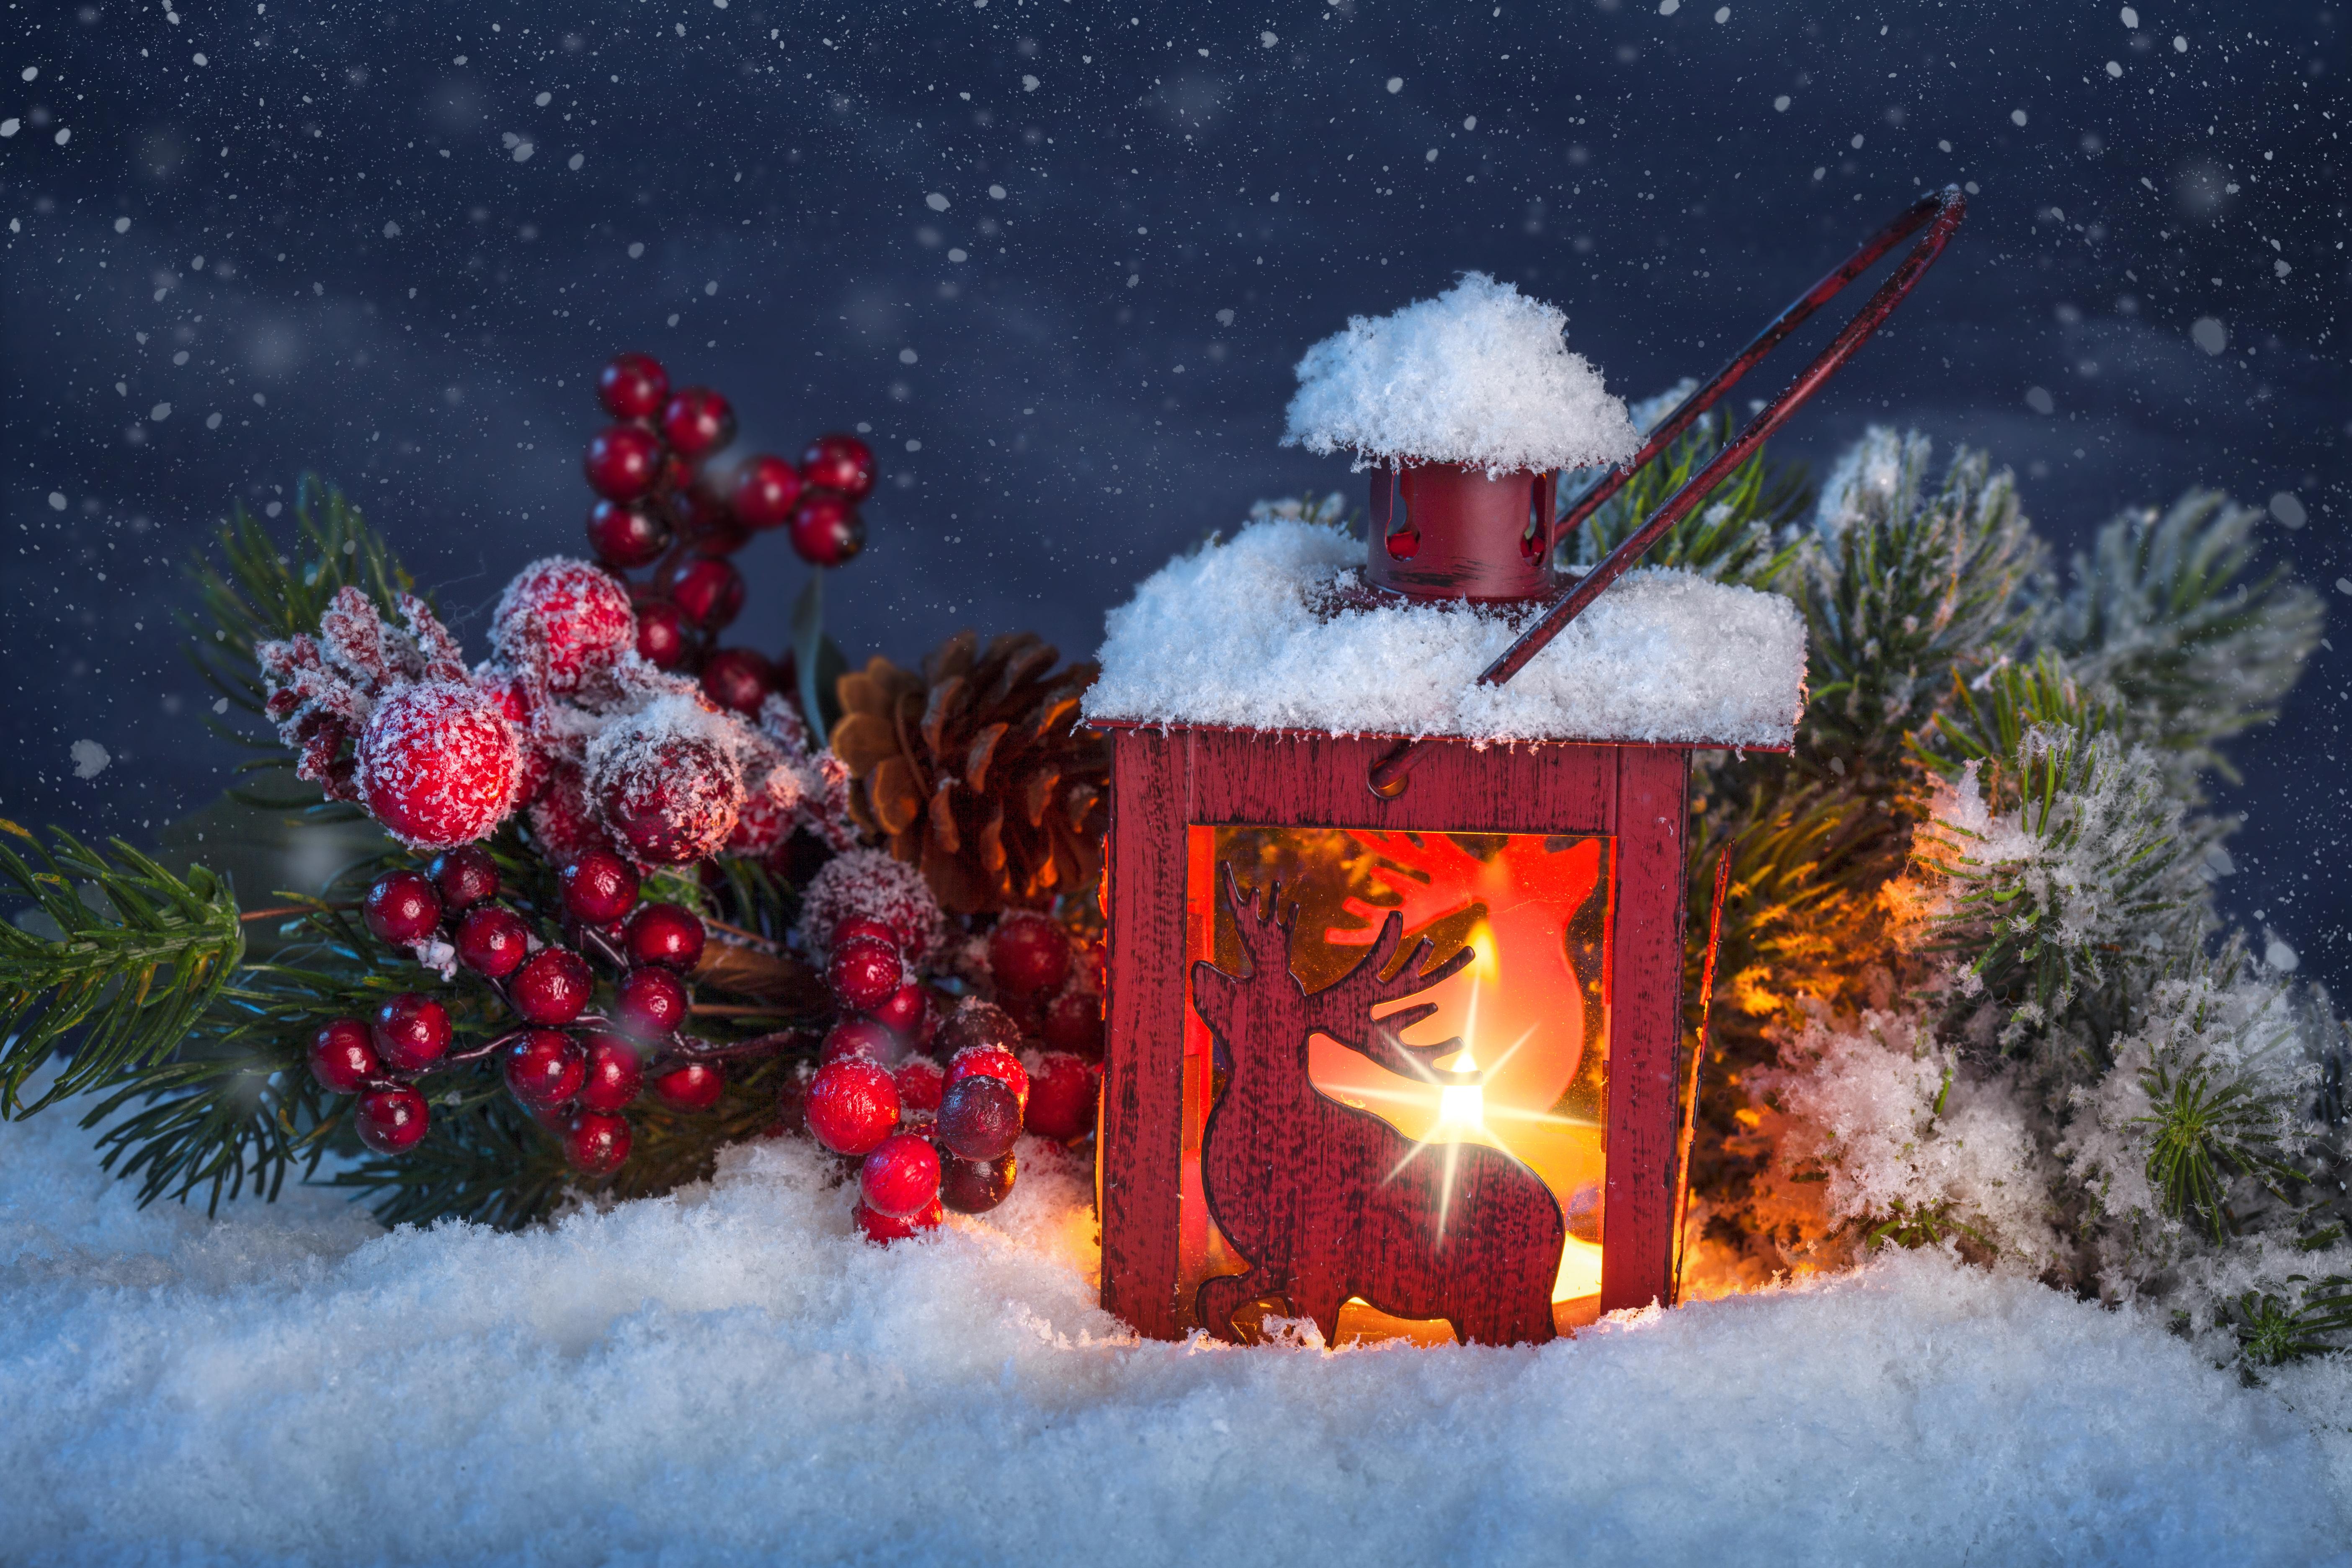 Движущейся открыткой, волшебная открытка с новым годом